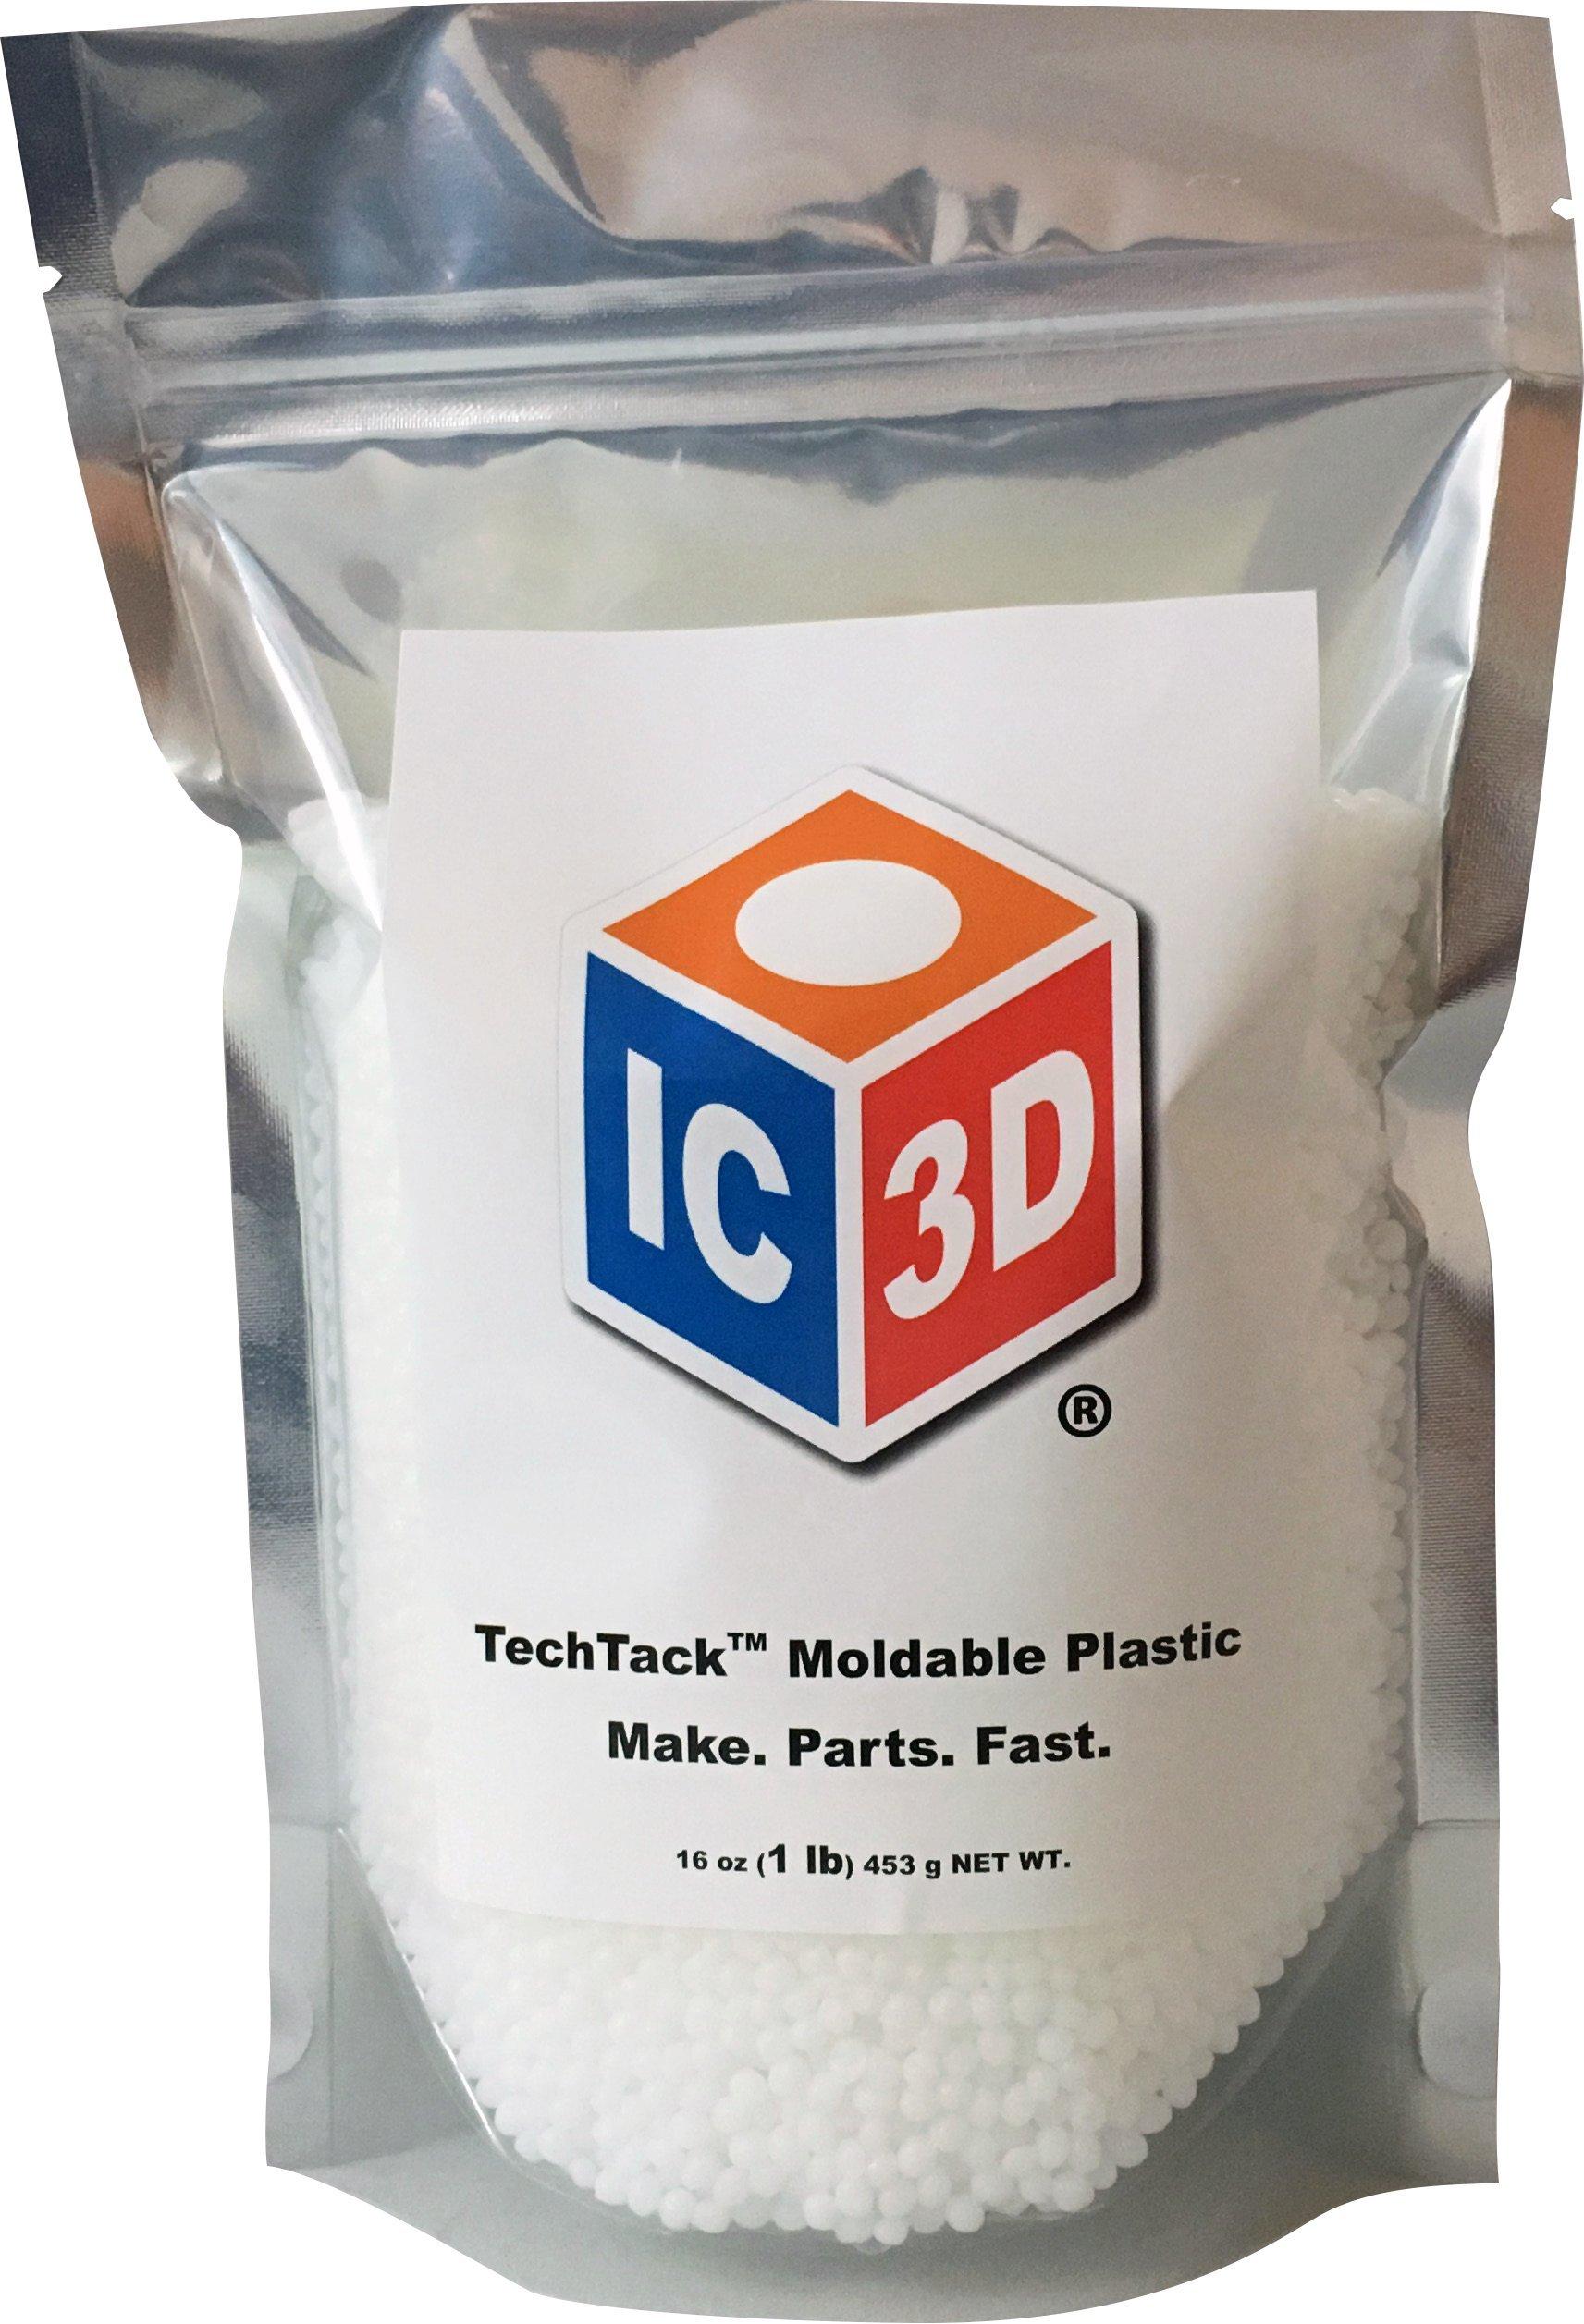 IC3D TechTack Moldable Plastic Pellets PCL - 16 Oz (1lb) Resealable Bag - Professional Grade Low Temp Melting Plastic